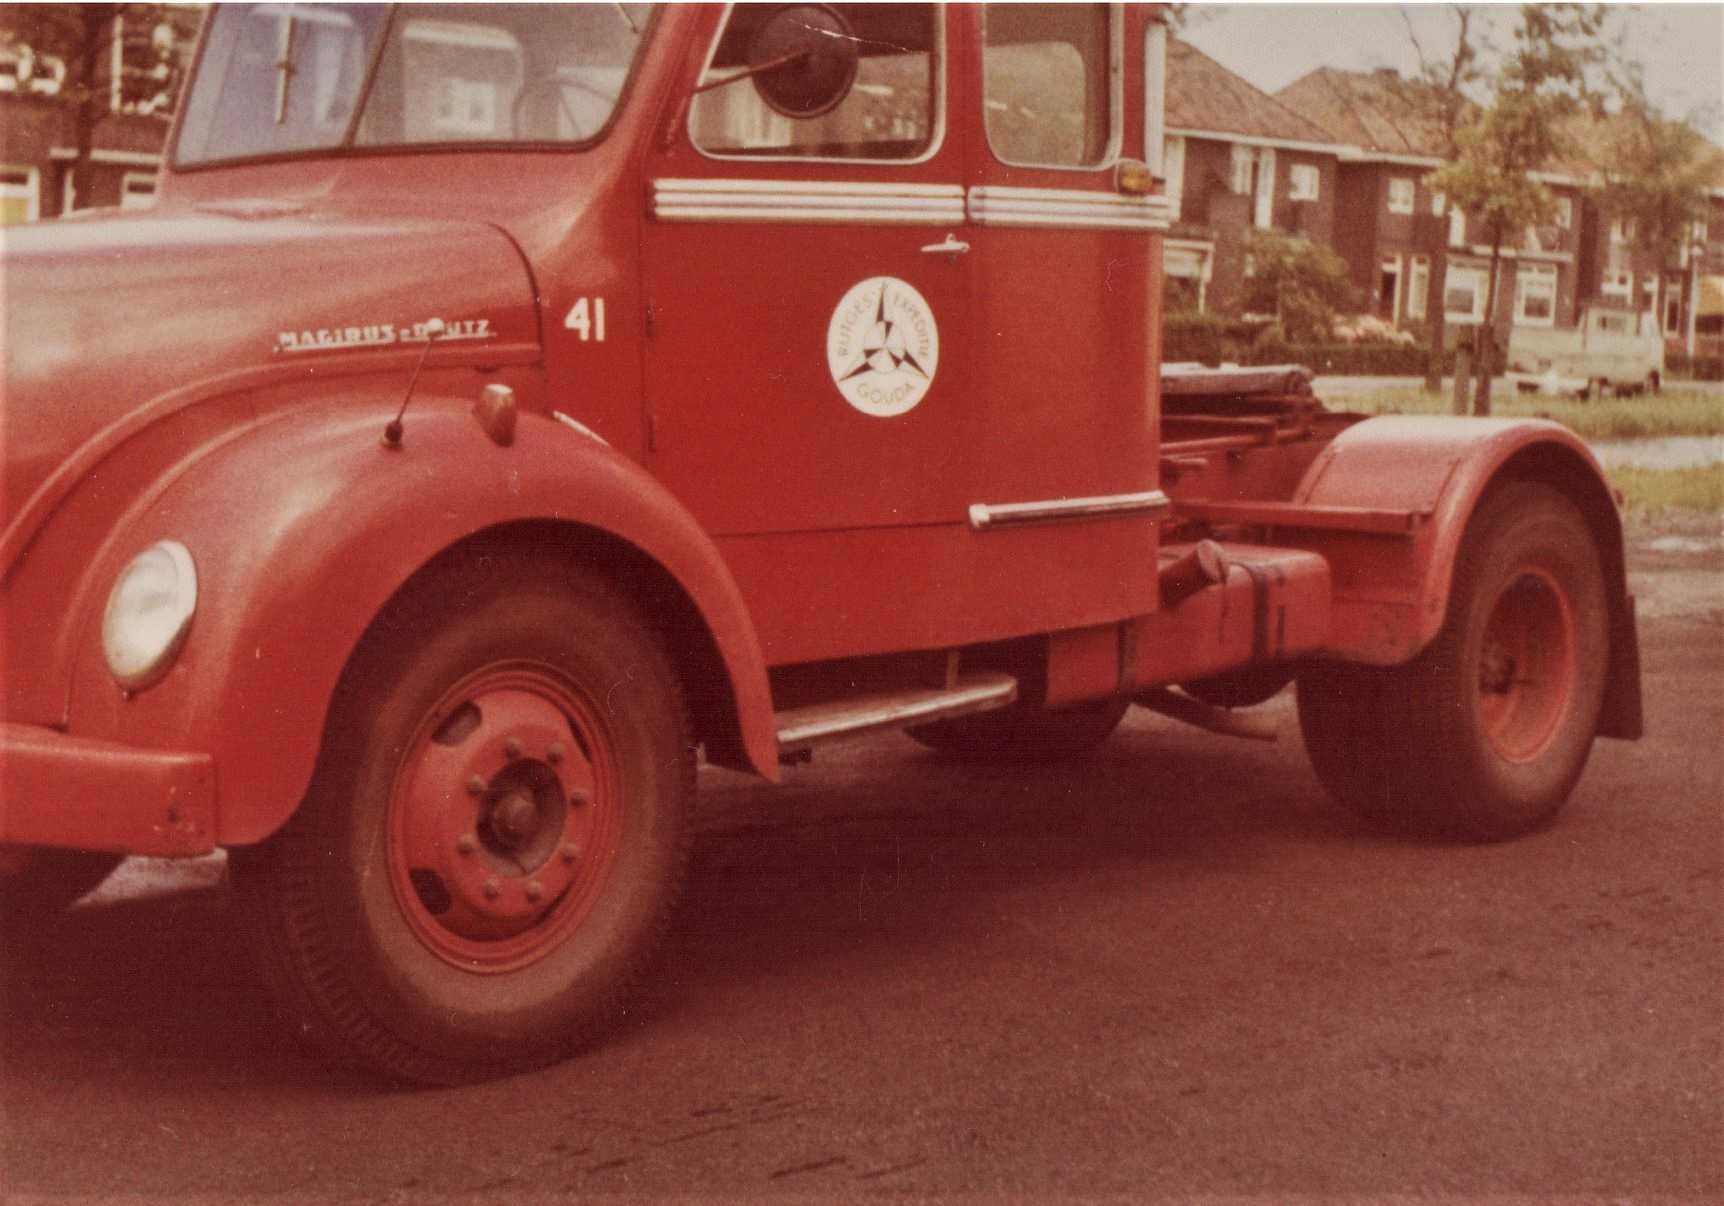 Jan-Houtman-Foto-van-mijn-oom-was-chauffeur-bij-Rutges-in-Gouda-en-ik-was-bijrijder-van-1964-66--7